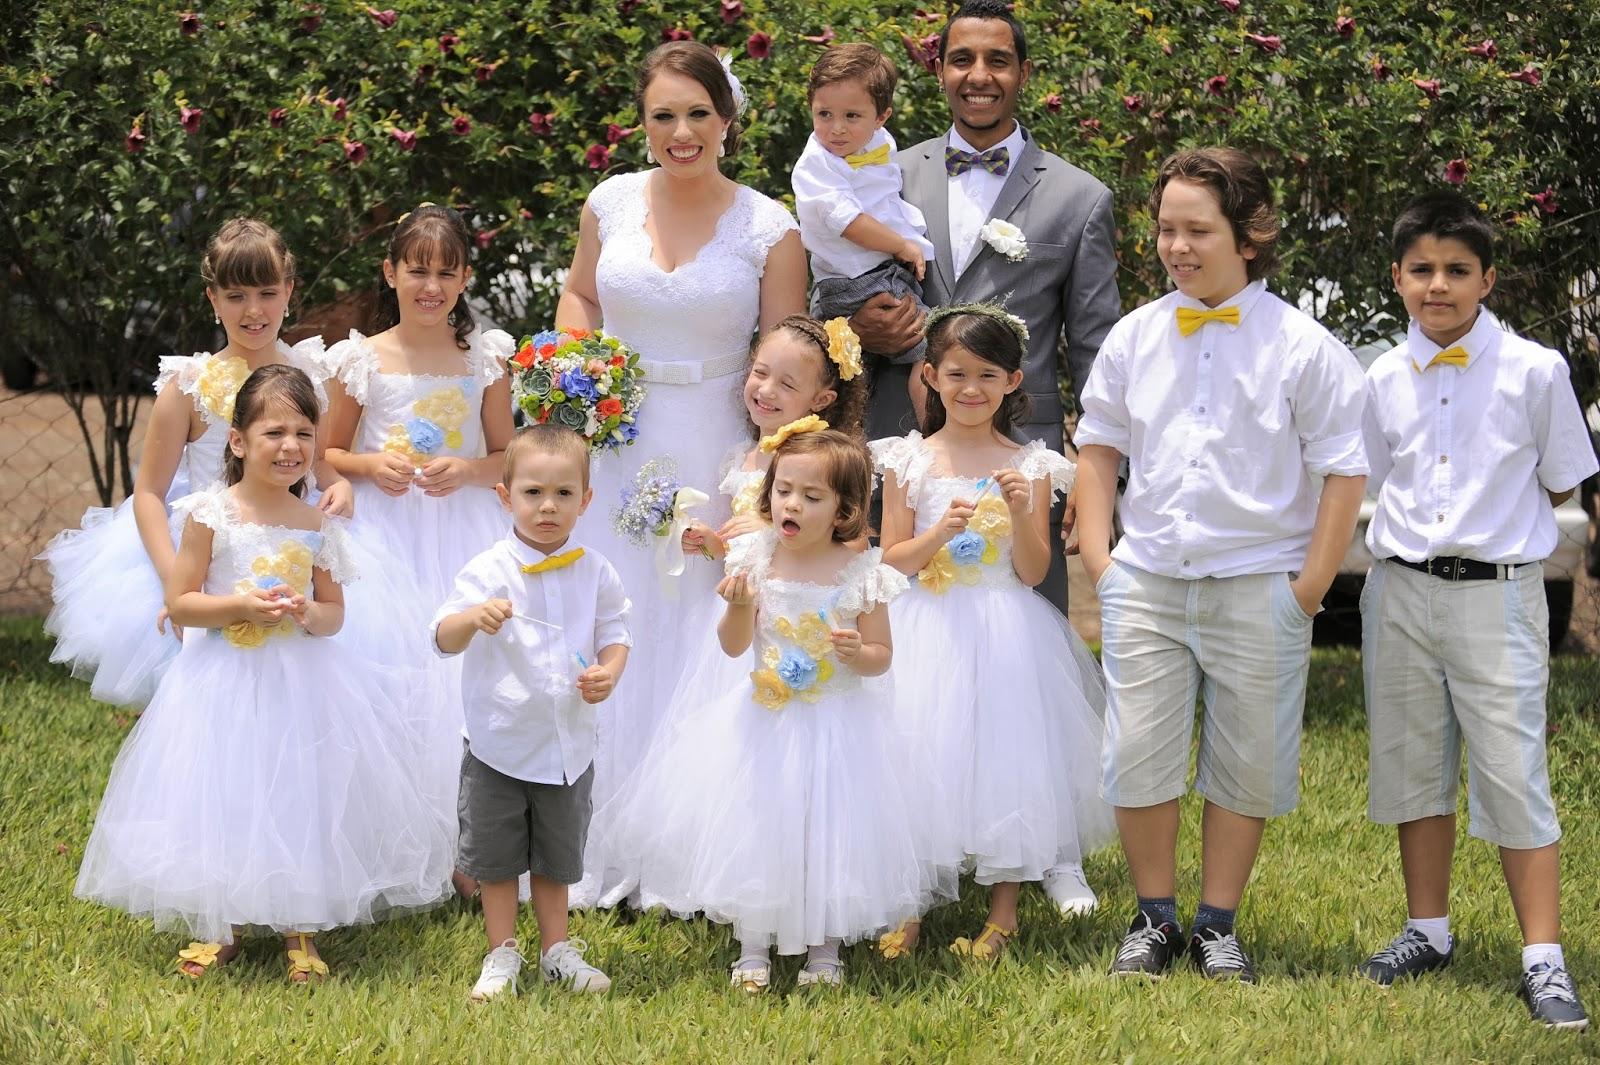 fotos-criancas-pajens-daminhas-casamento-dia-azul-amarelo